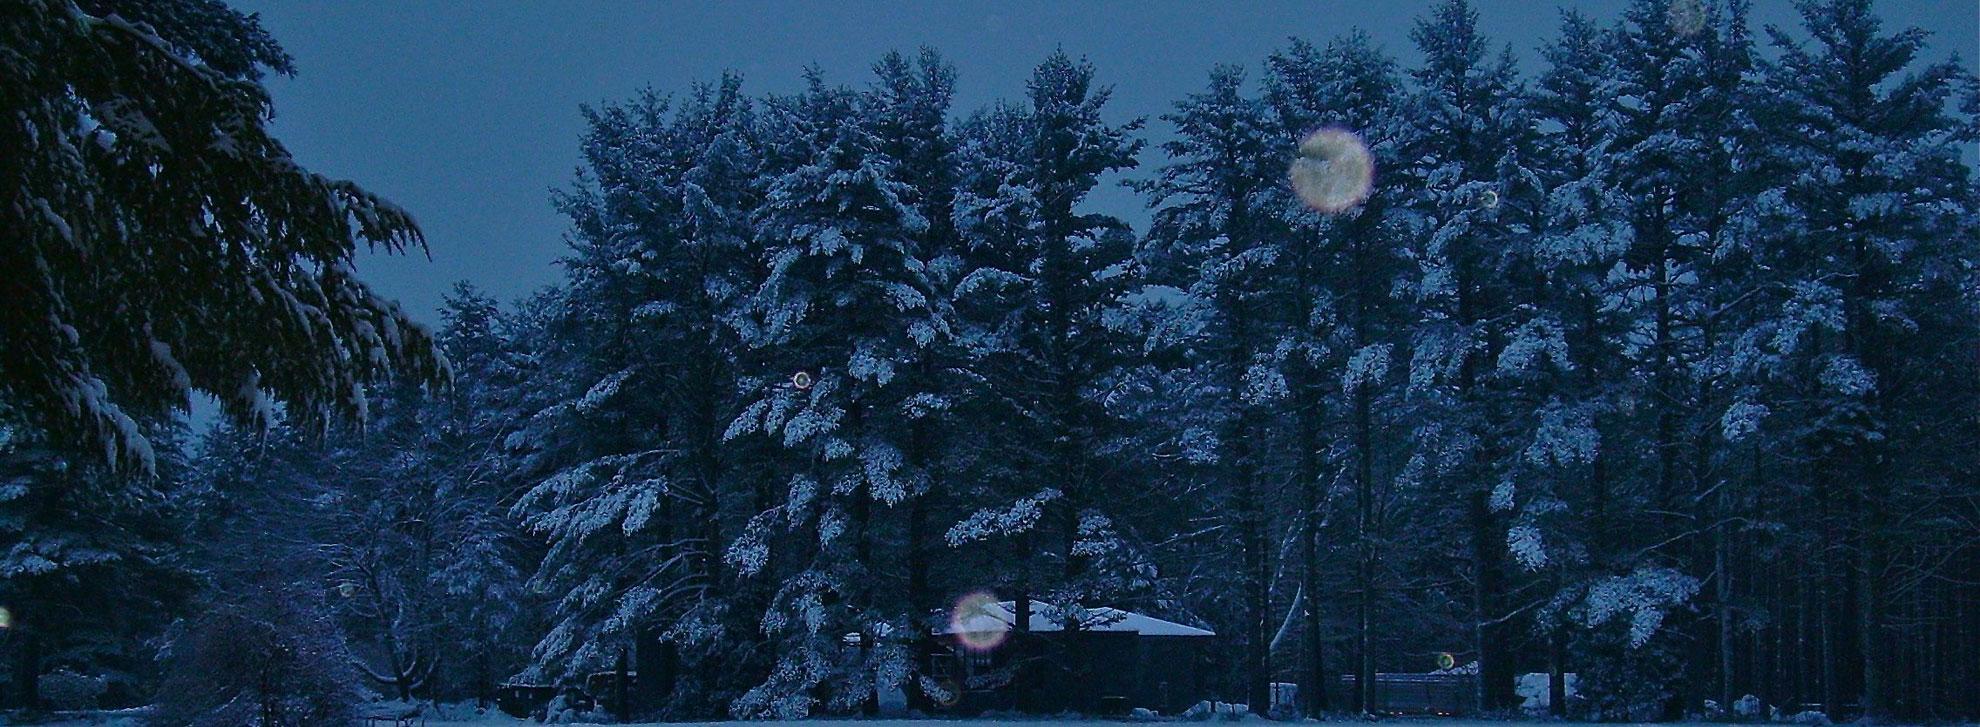 snowy-night_web